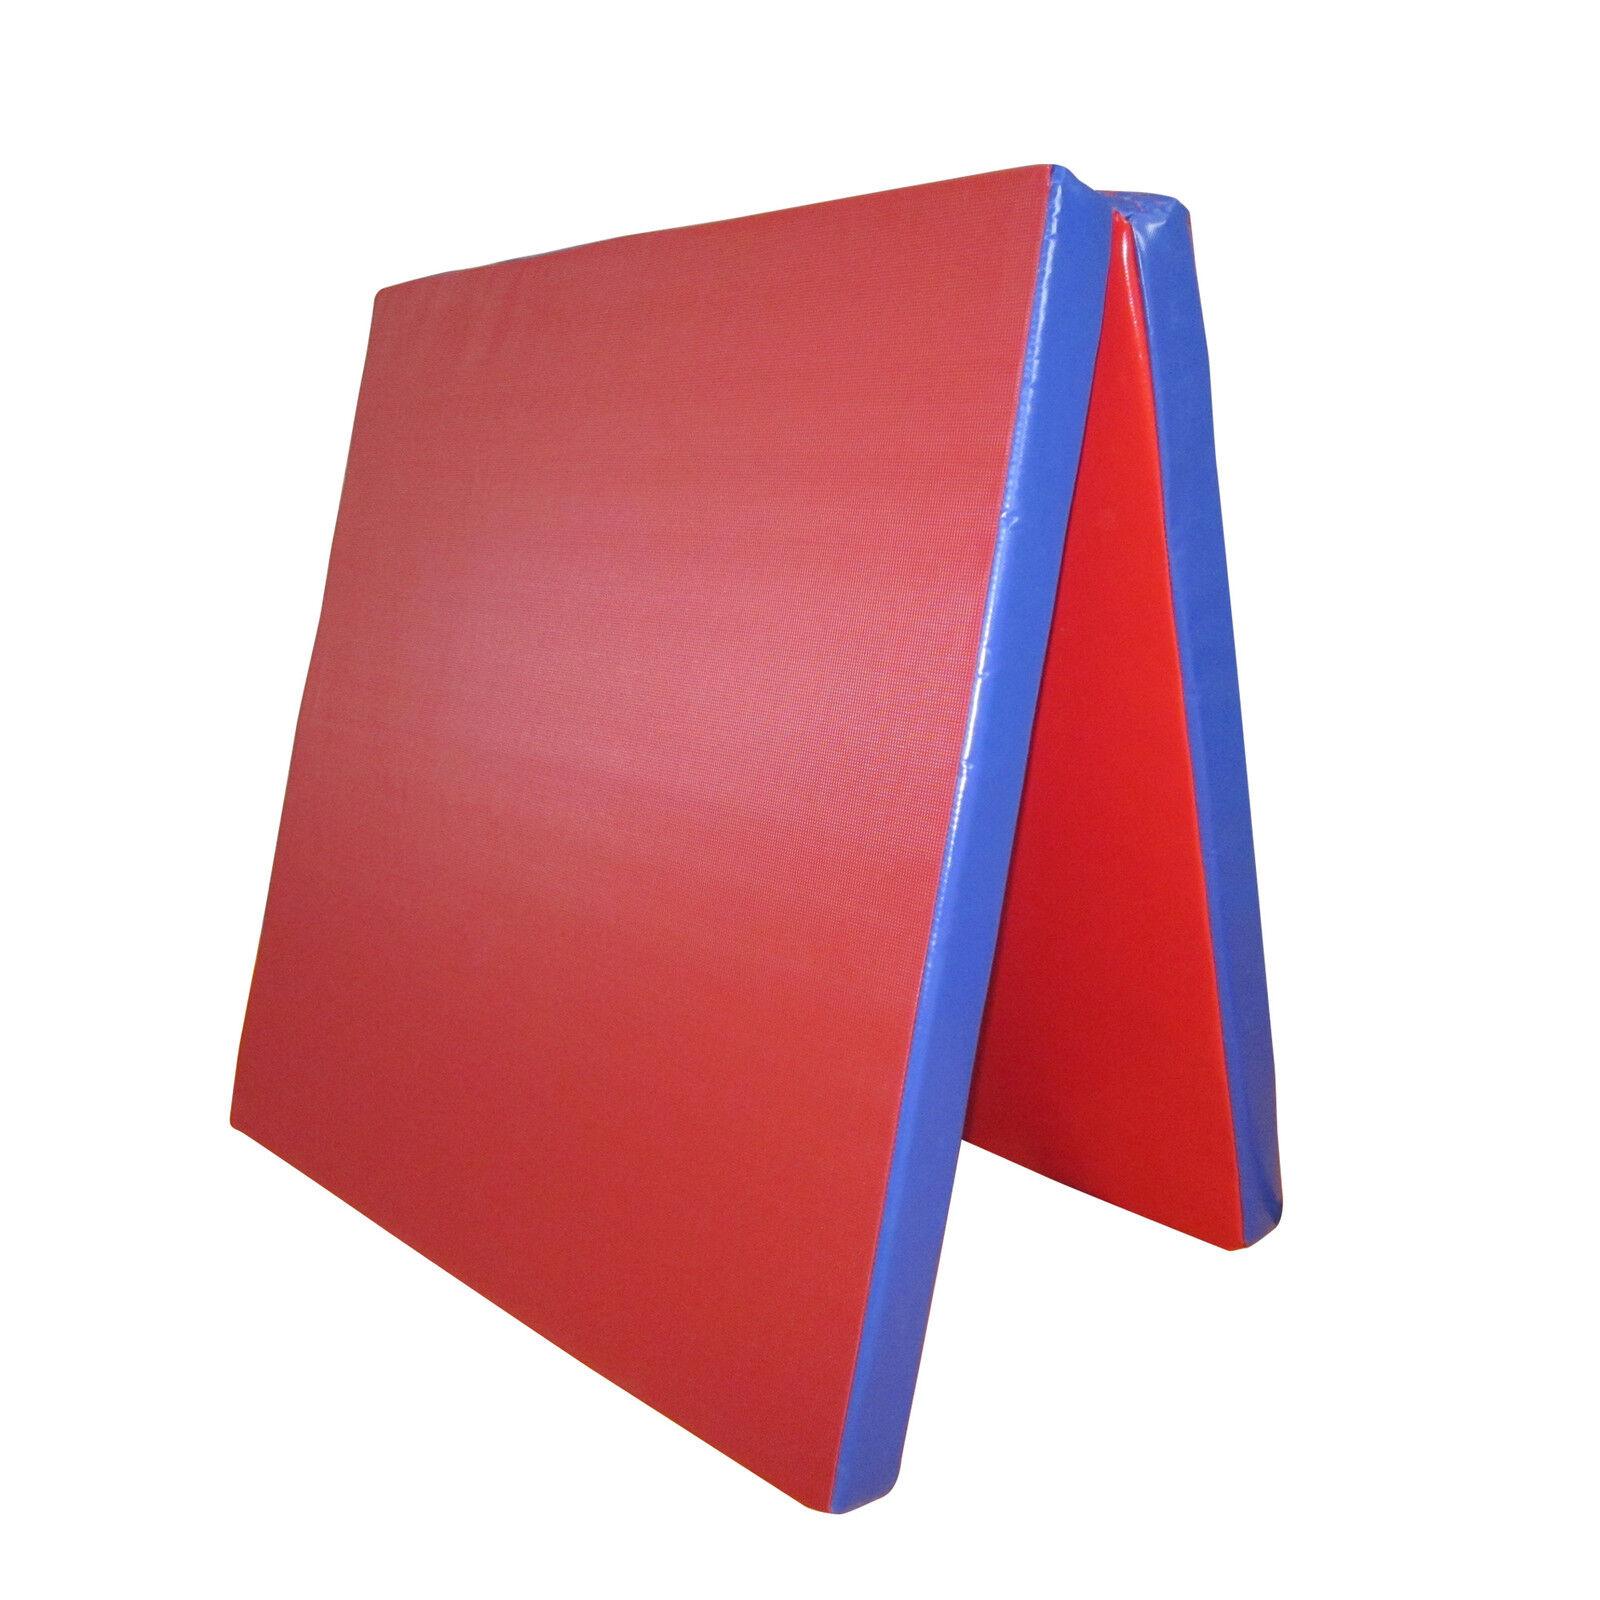 Grevinga® PROFI PROFI PROFI klappbare Turnmatte   ROT-BLAU 200 x 100 x 6 cm RG 22 (138246-) bc1387